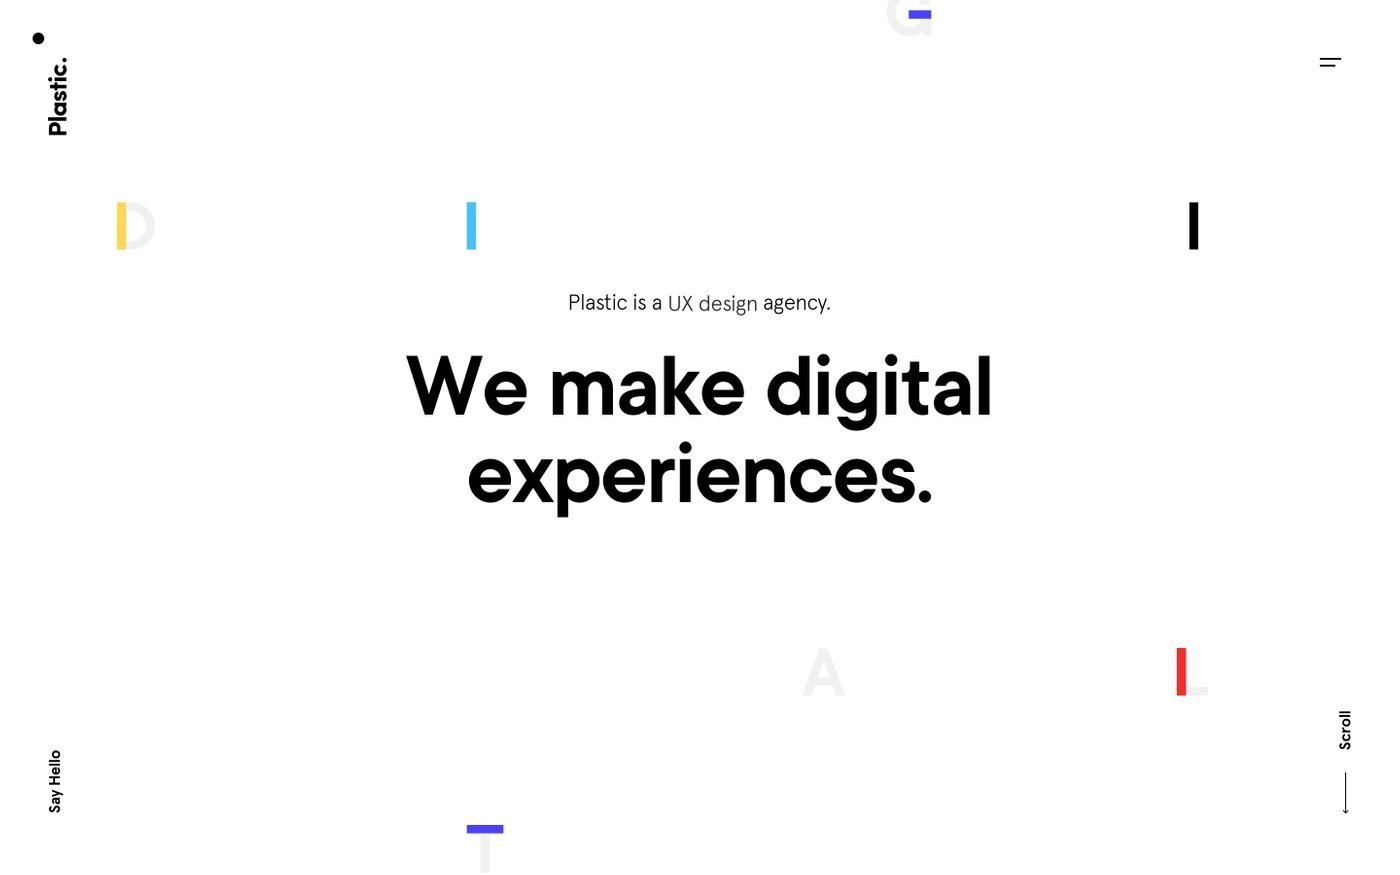 Screenshot of Plastic website